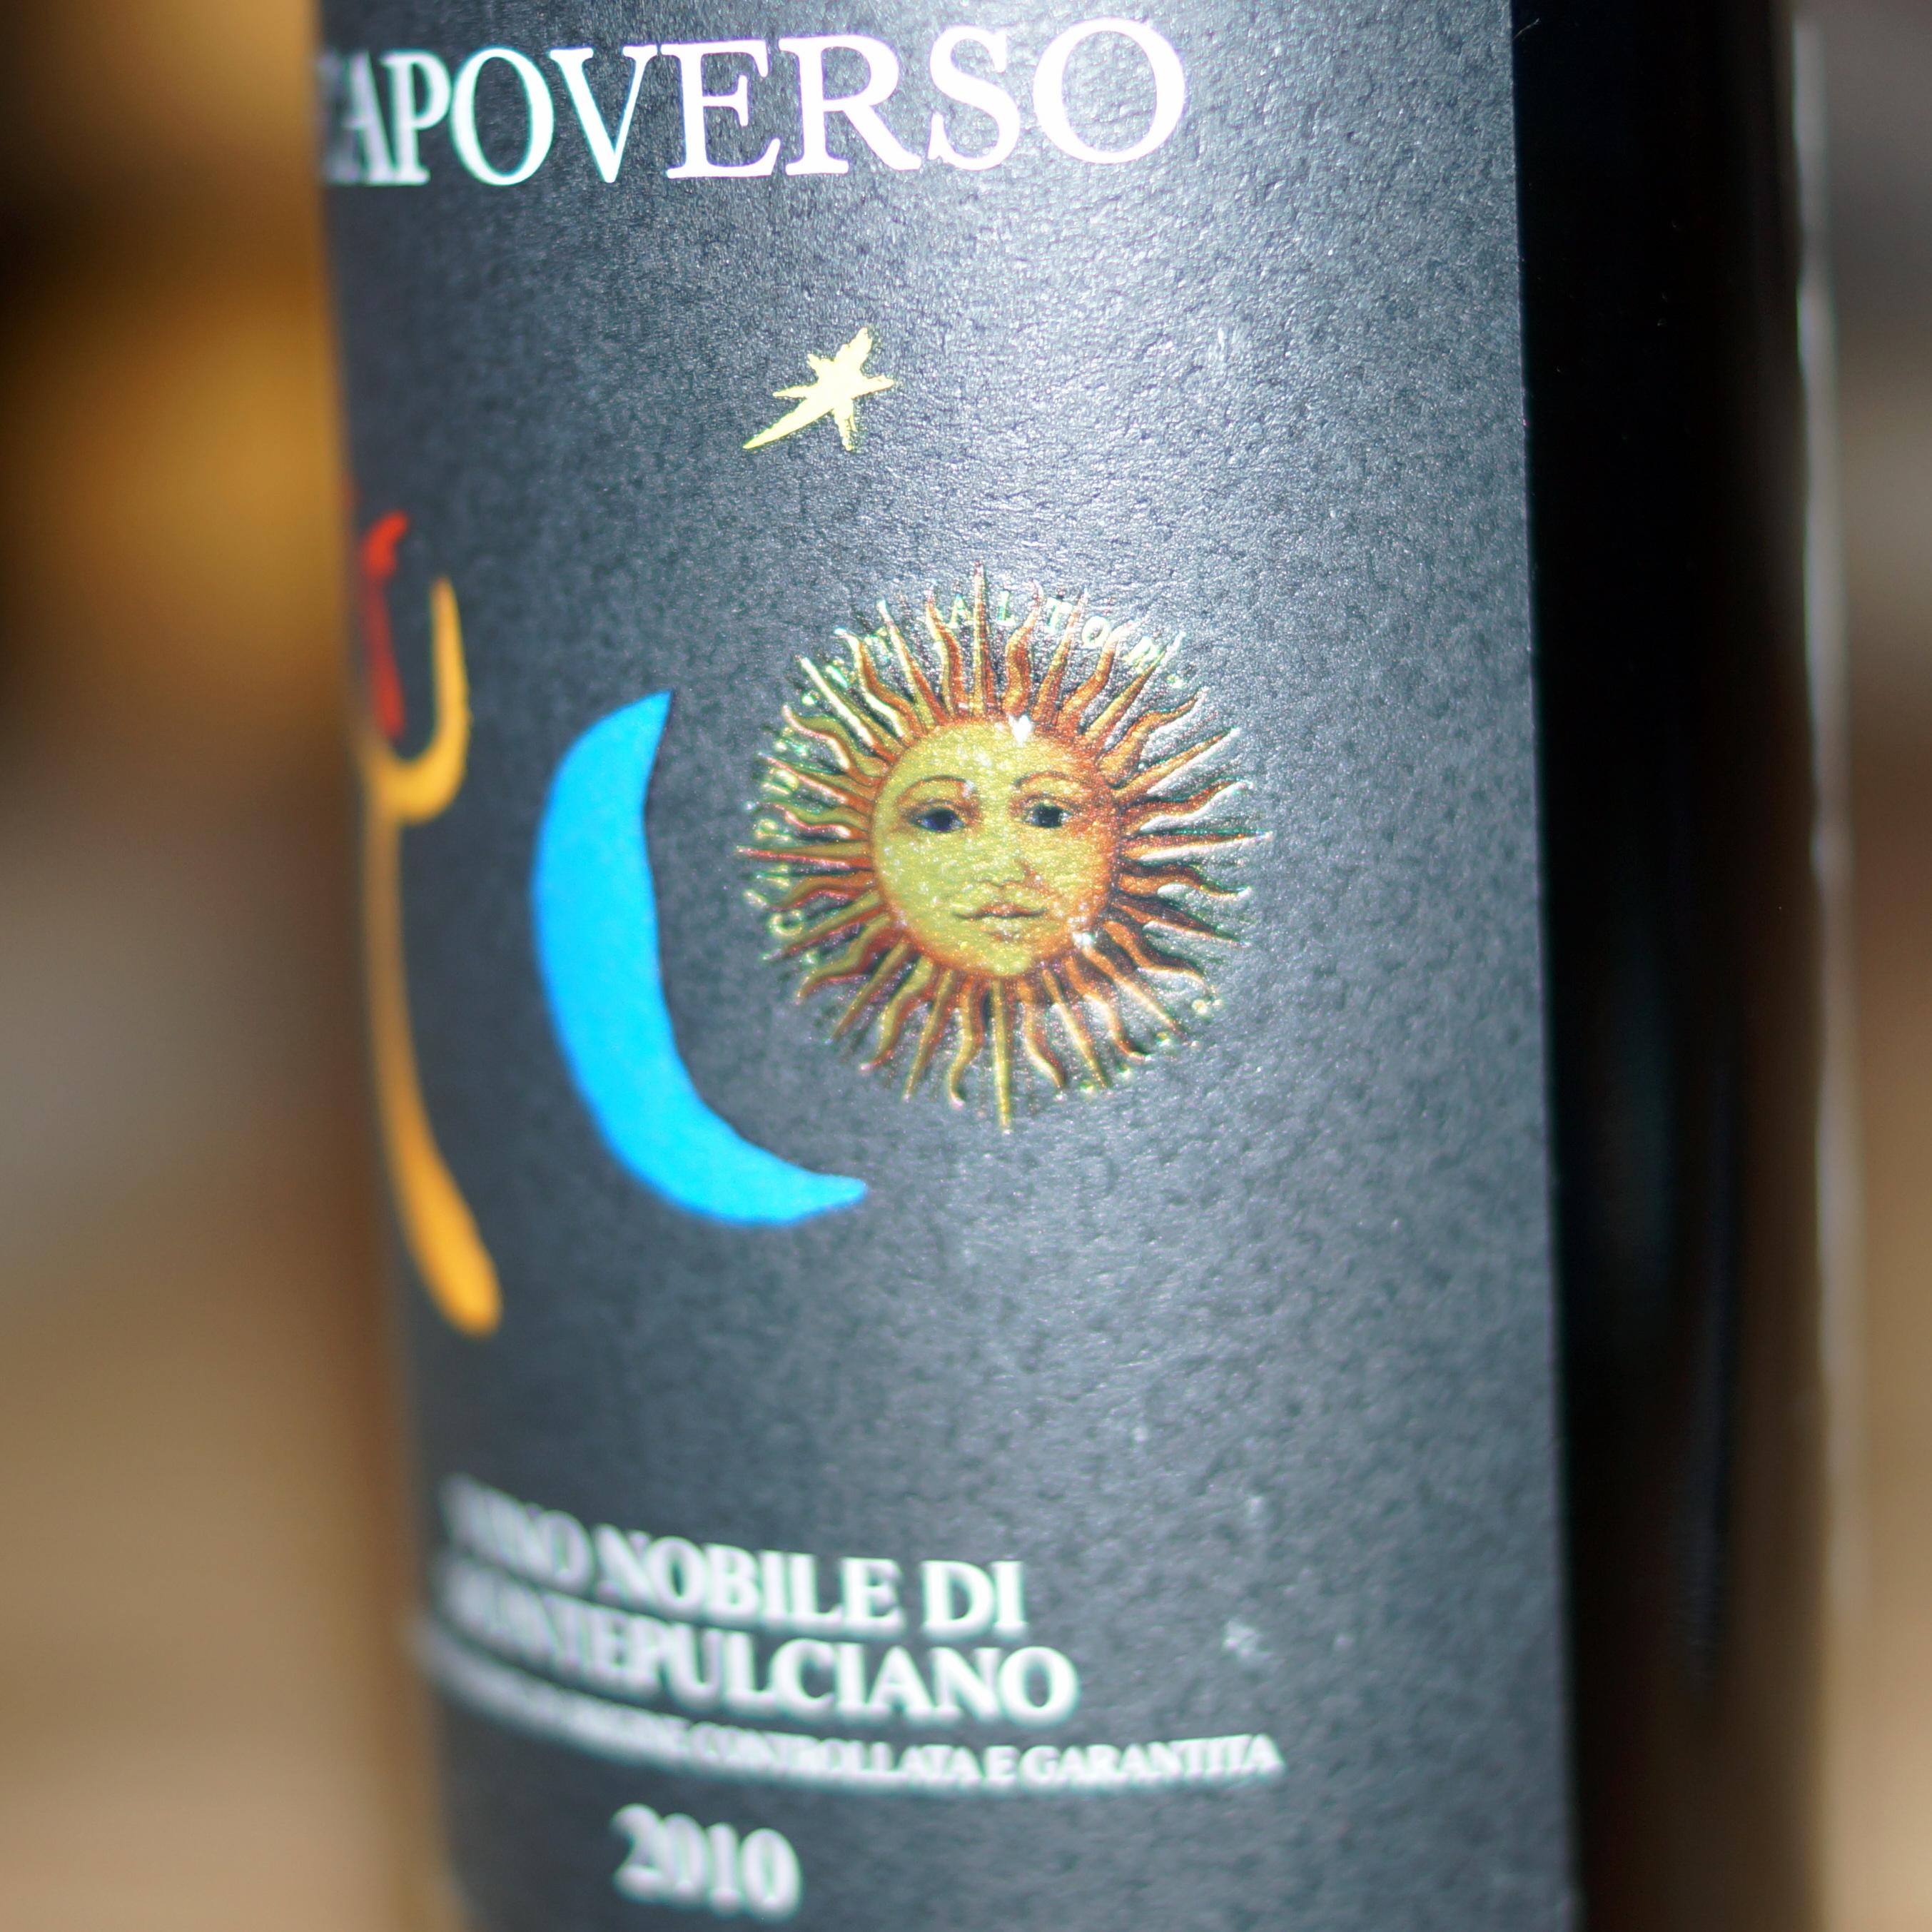 2010 Vino Nobile di Montepulciano DOCG, Capoverso